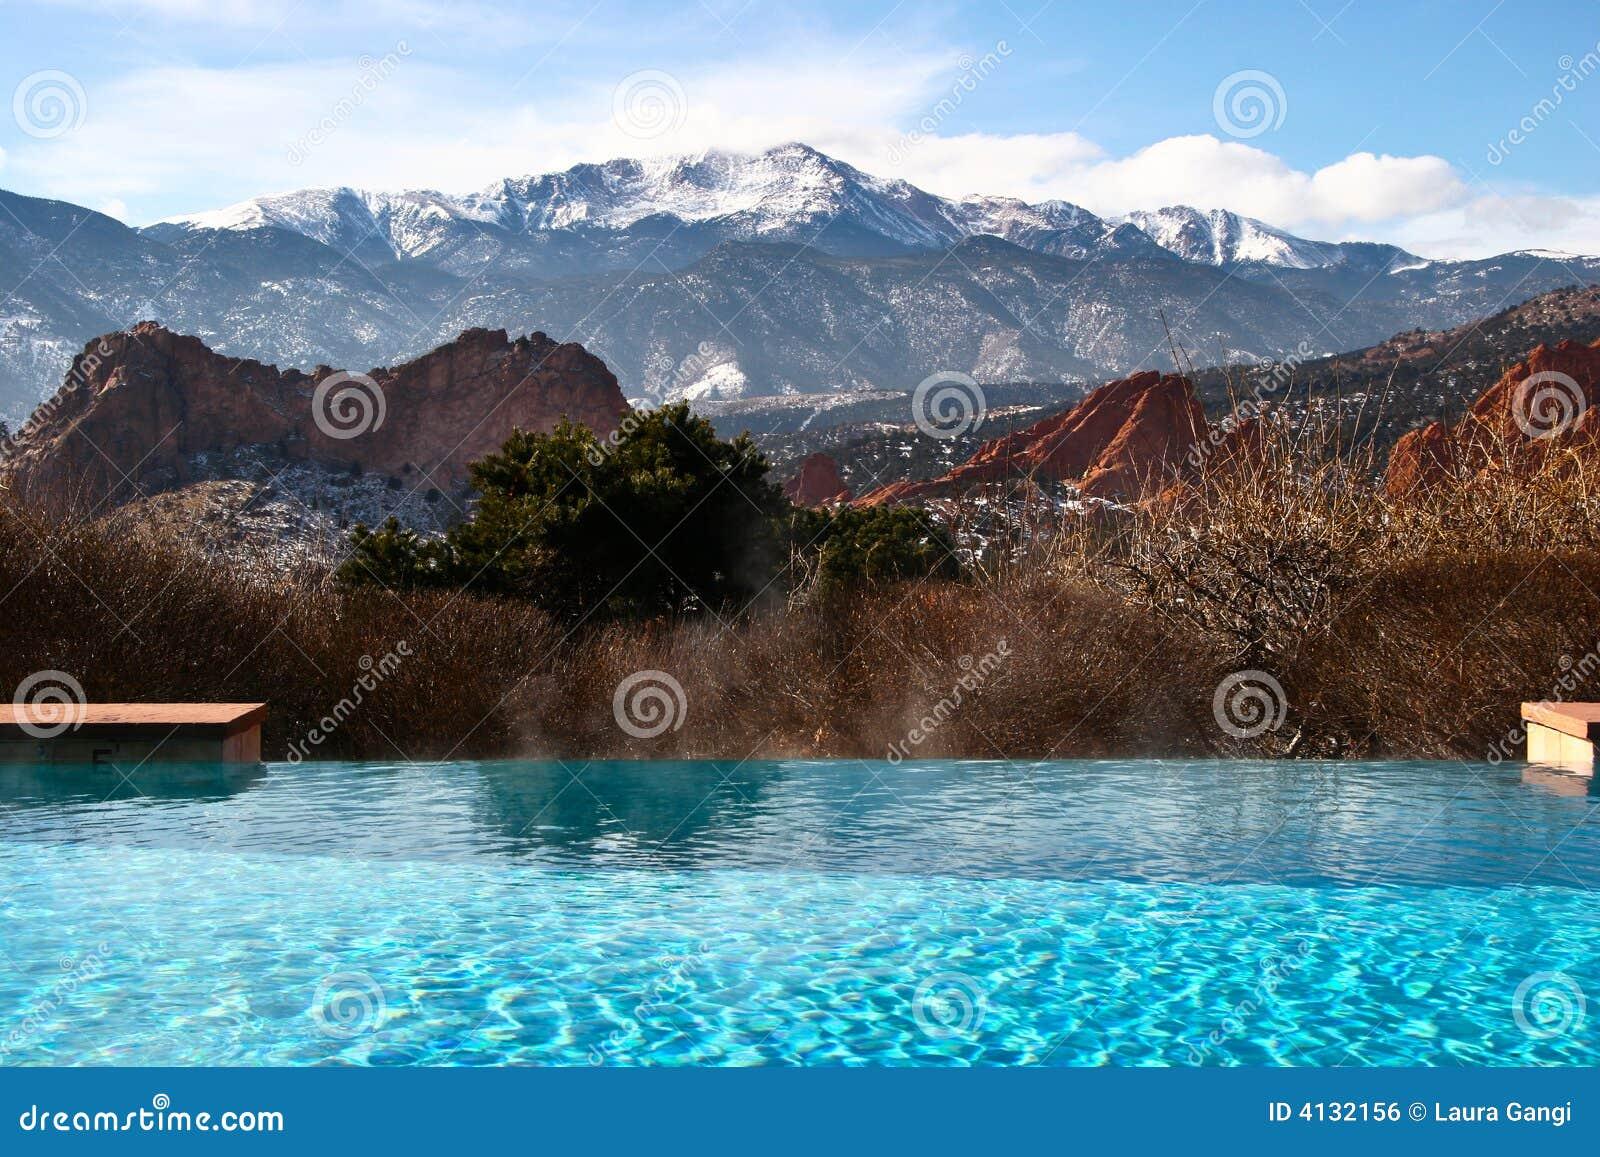 Associação com Mountain View